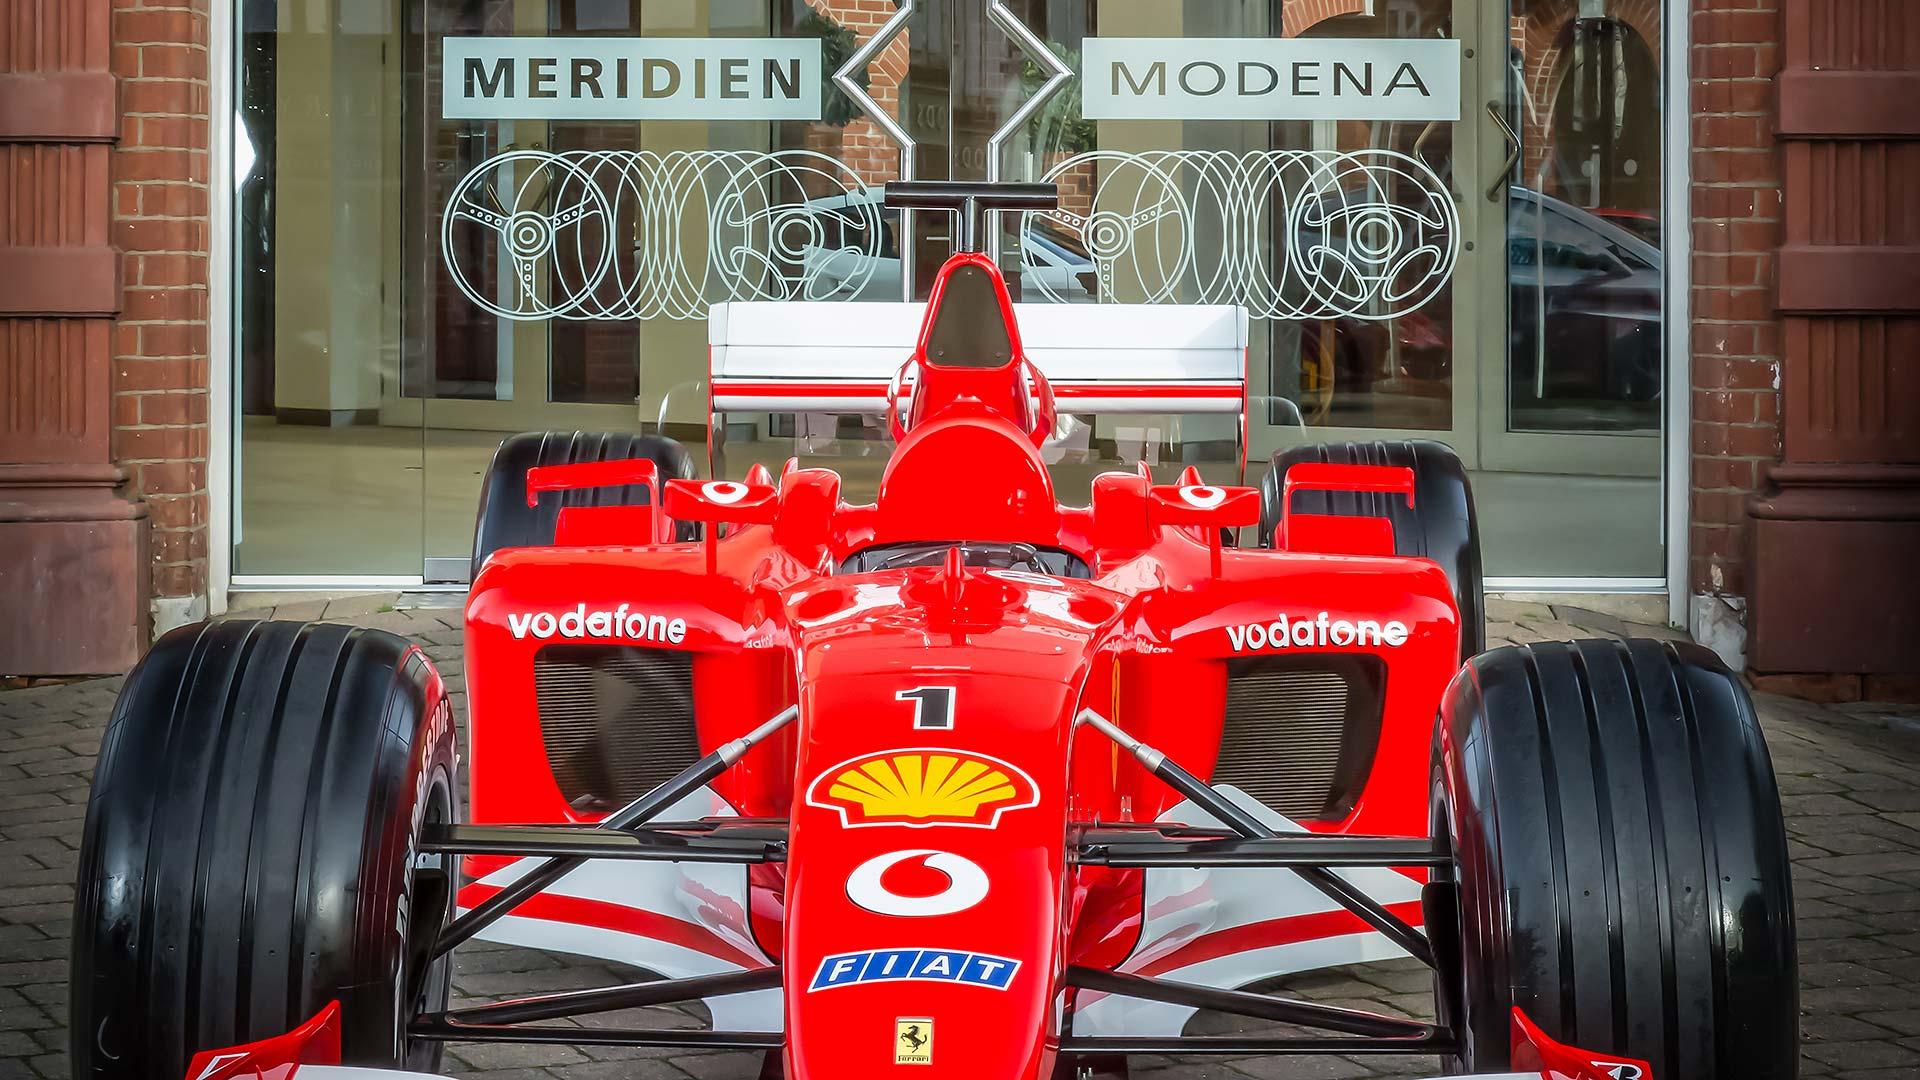 Meridien Modena wins an ex-Schumacher F1 car